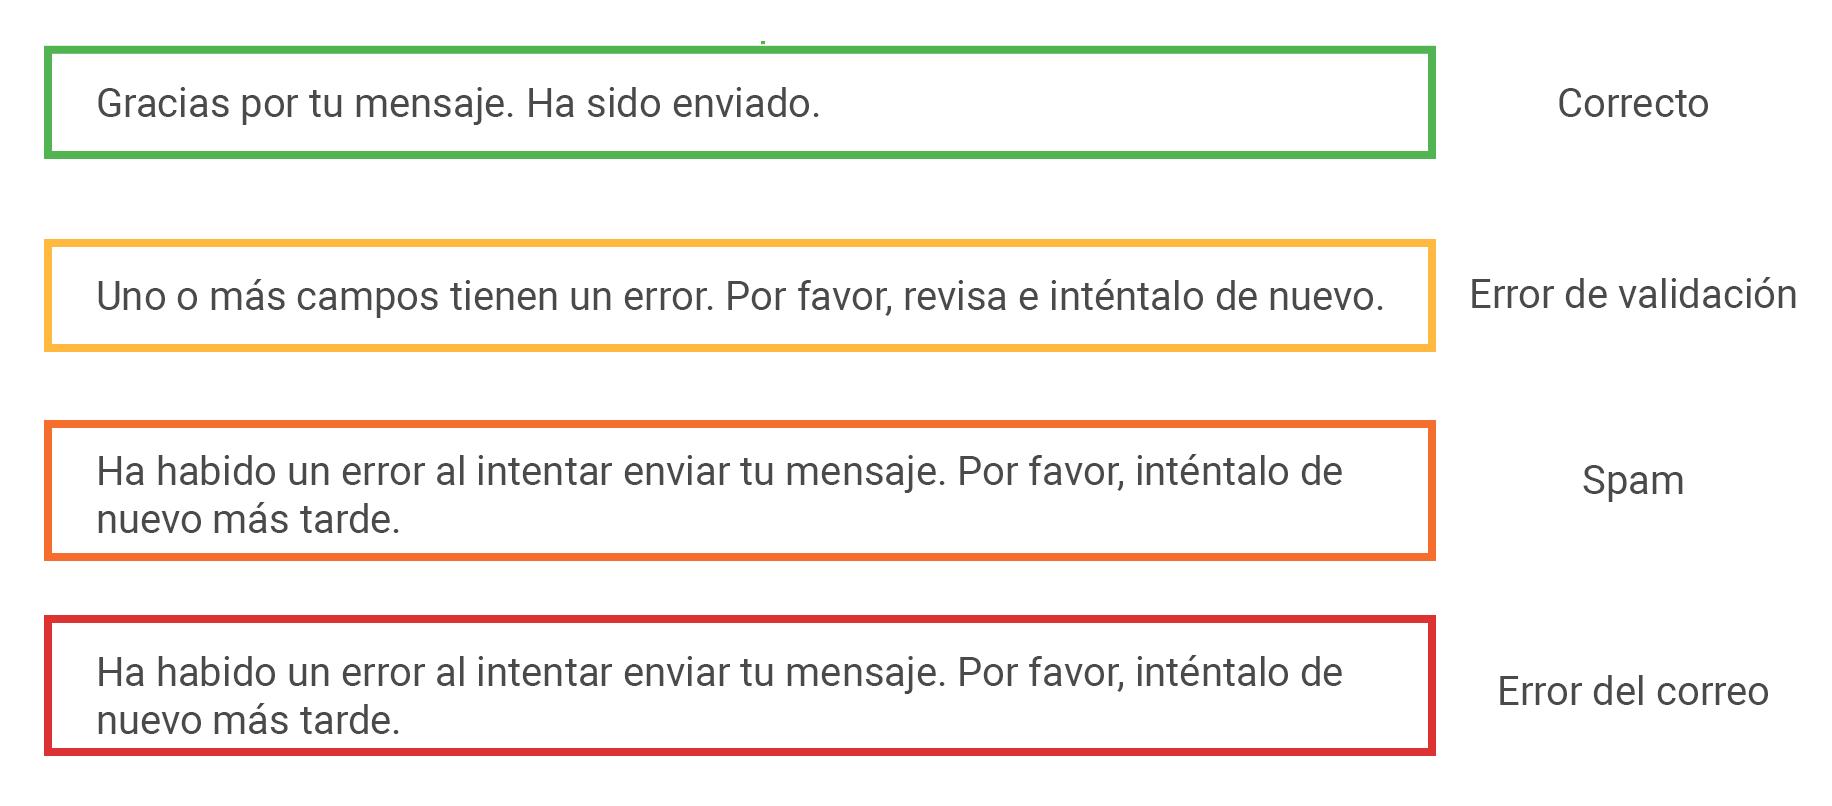 Cuatro tipos de cajas de salida de las respuestas, mostrando ejemplos de los recuadros con bordes verde, amarillo, naranja y rojo.